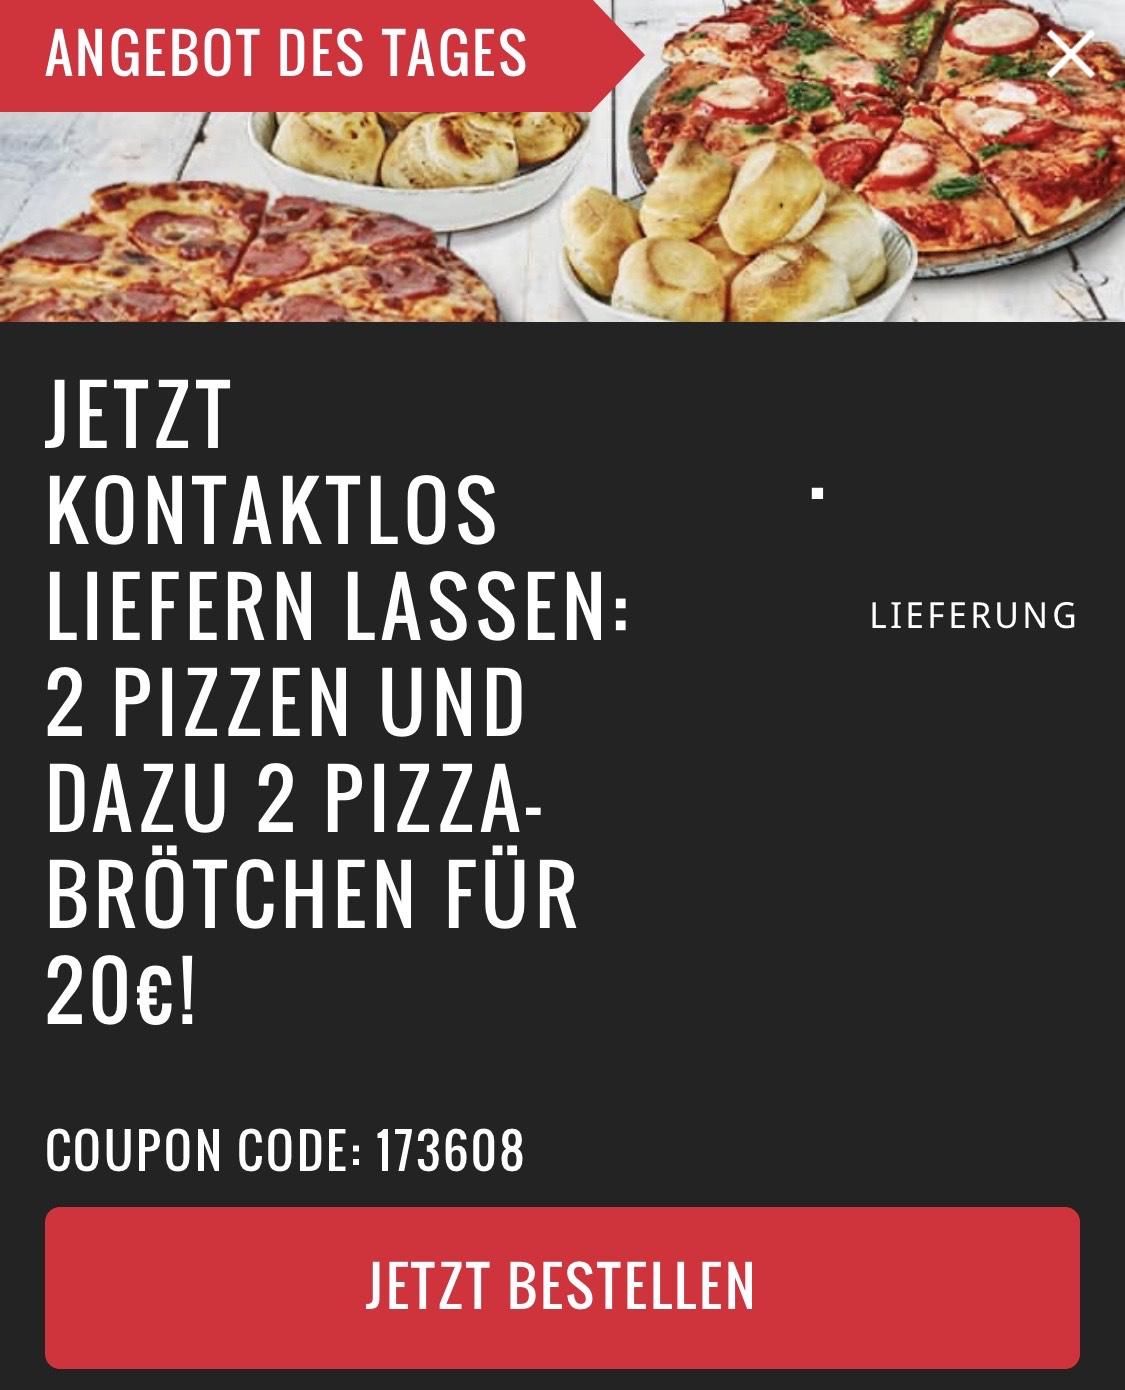 [Lokal] Domino's 2 Pizzen und dazu 2 Pizzabrötchen für 20€